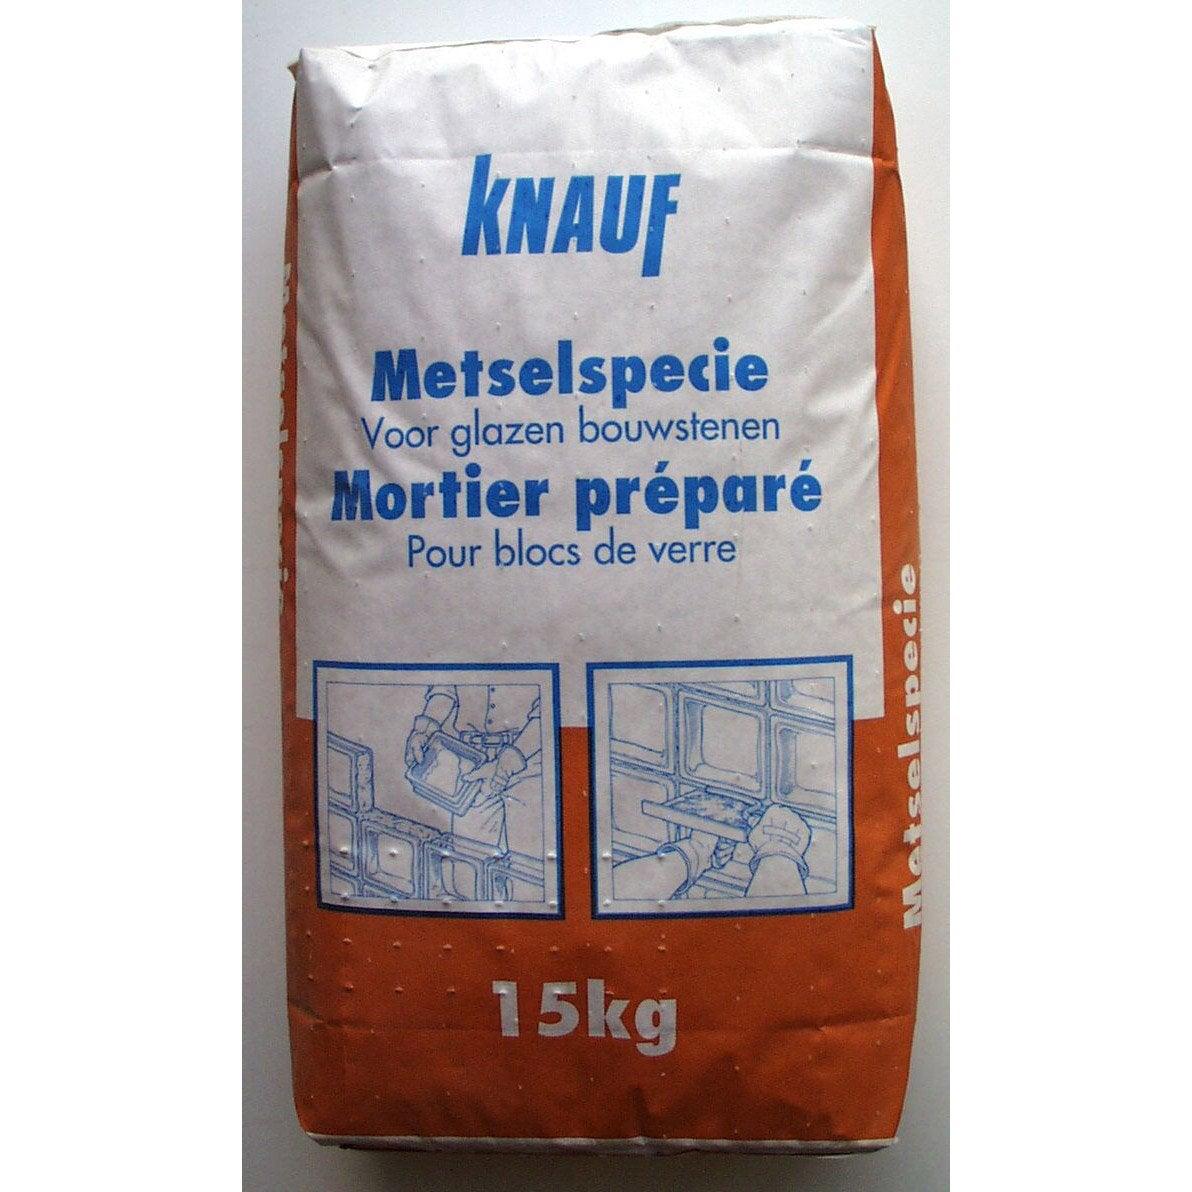 Colle en poudre pour brique de verre knauf gris 15kg - Enlever colle sur verre ...